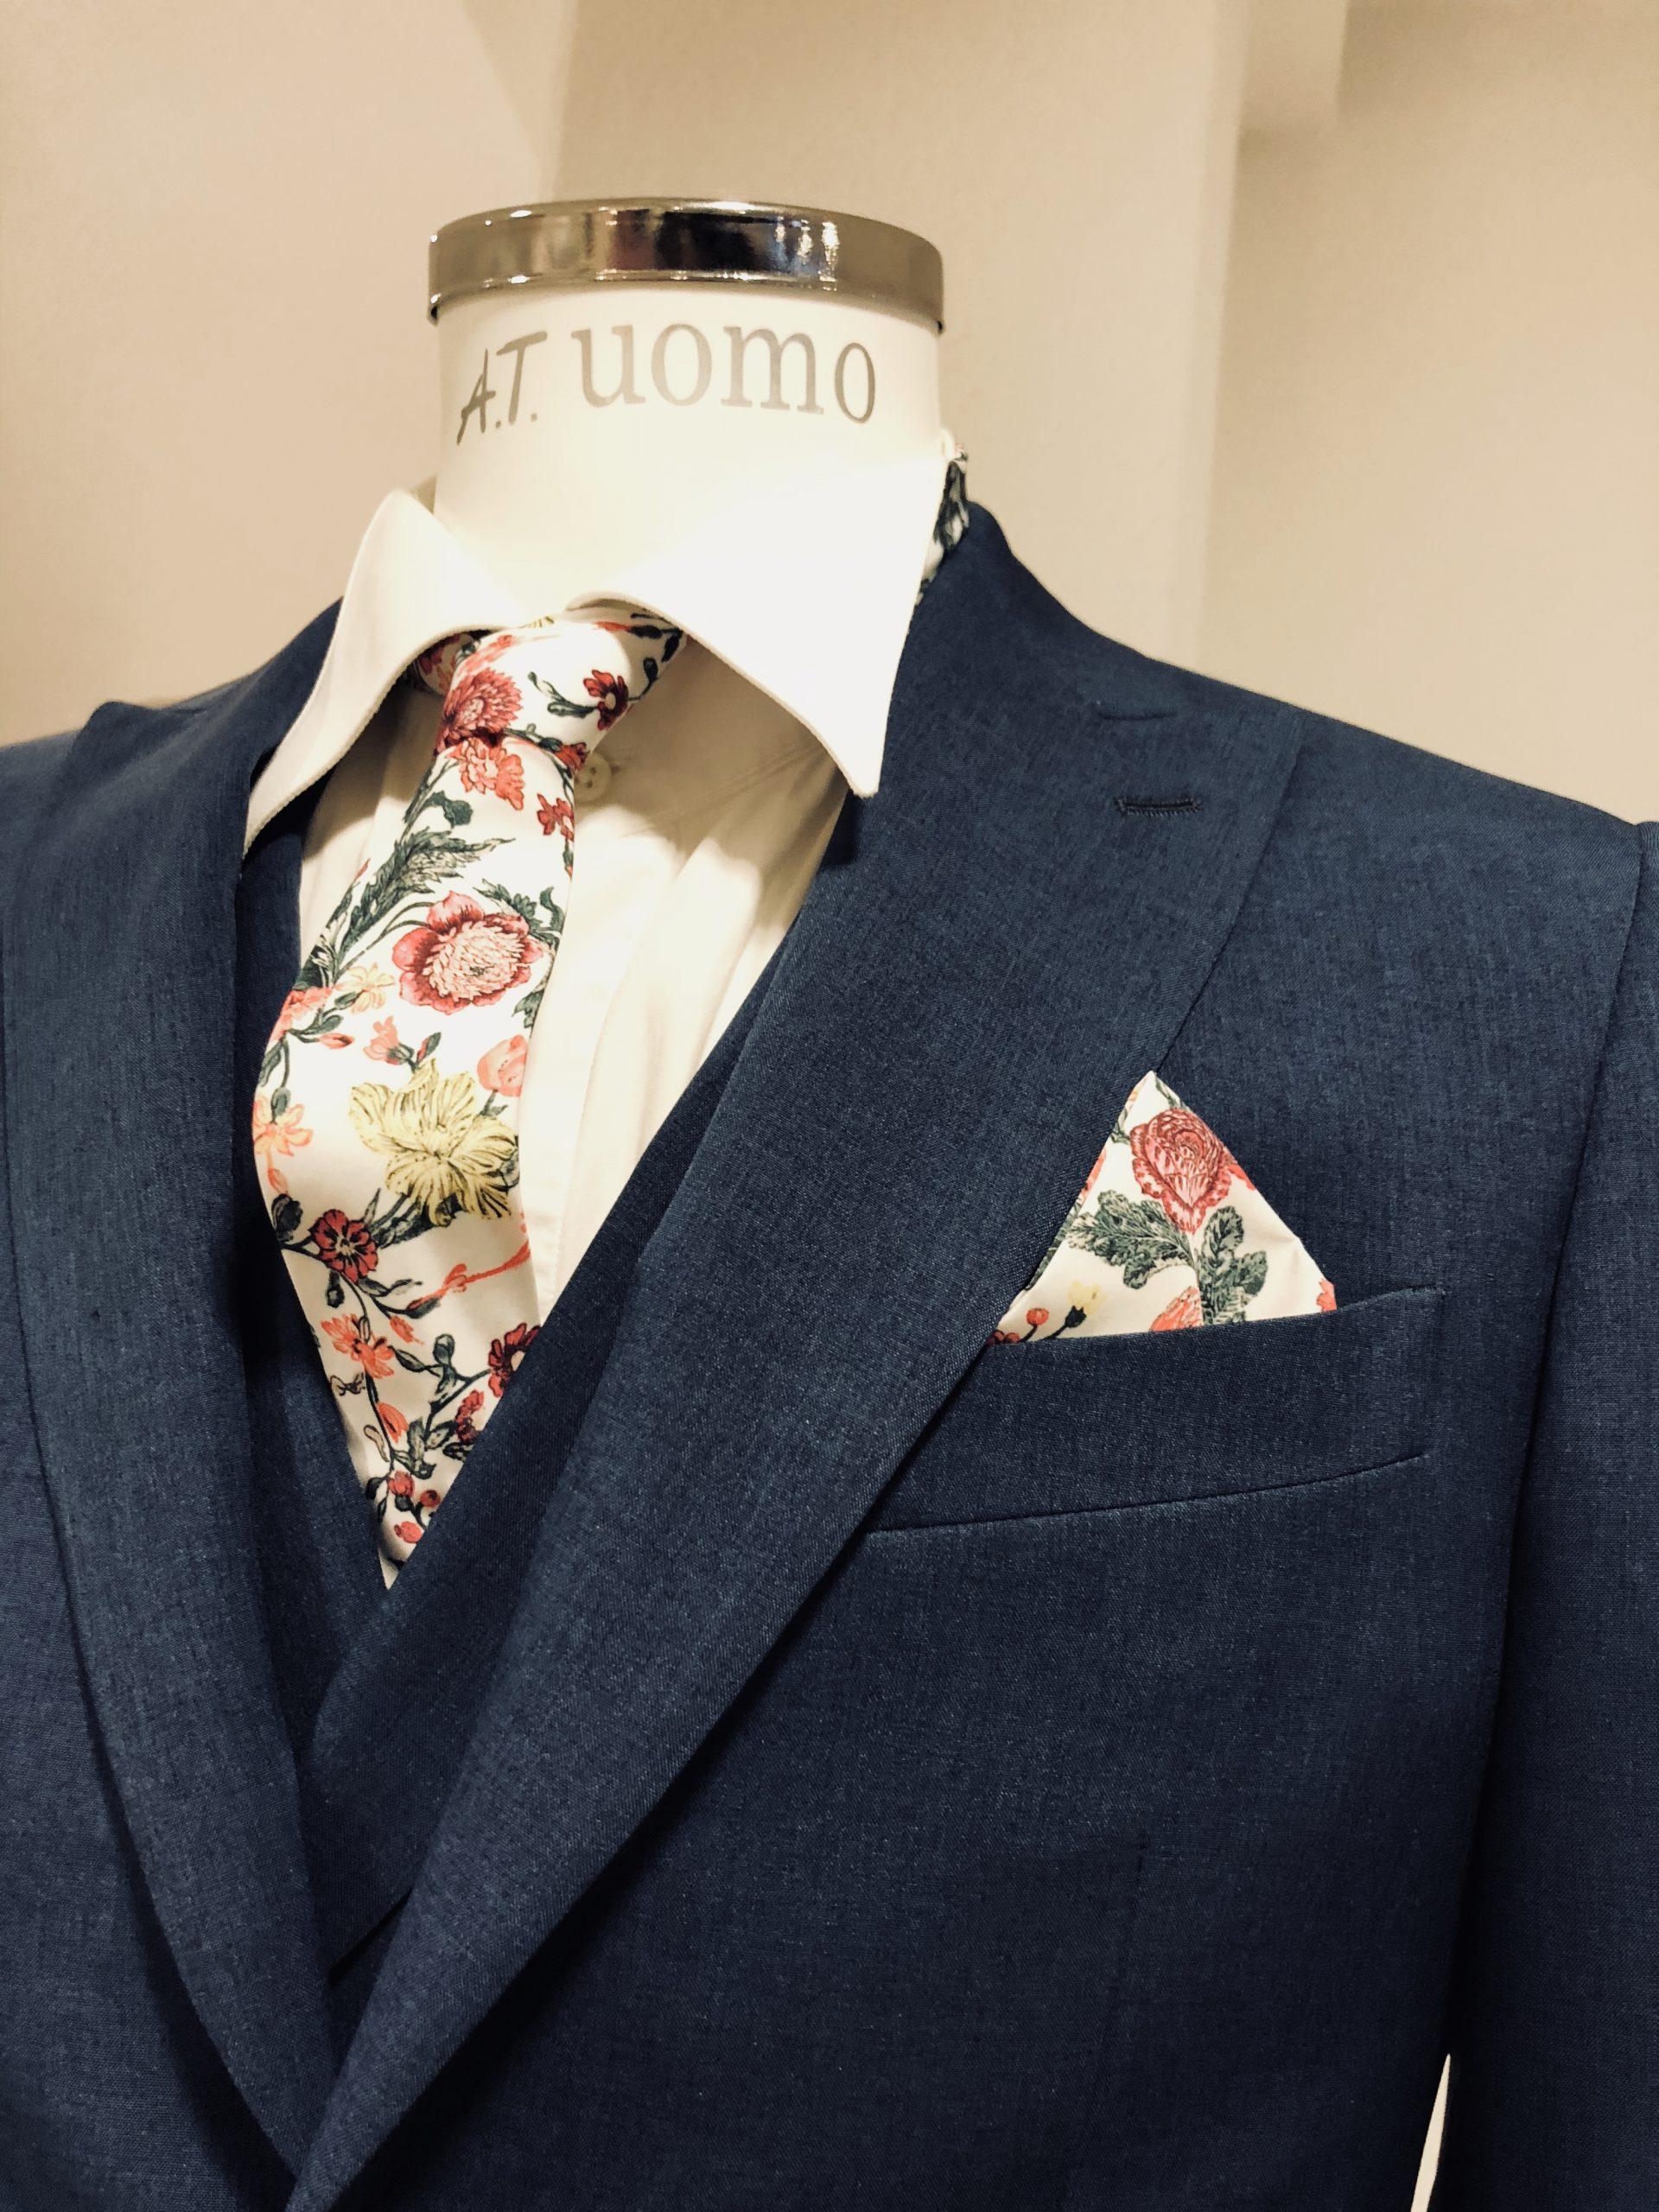 Anzug / Hochzeitsanzug von A.T. Moda Sposa